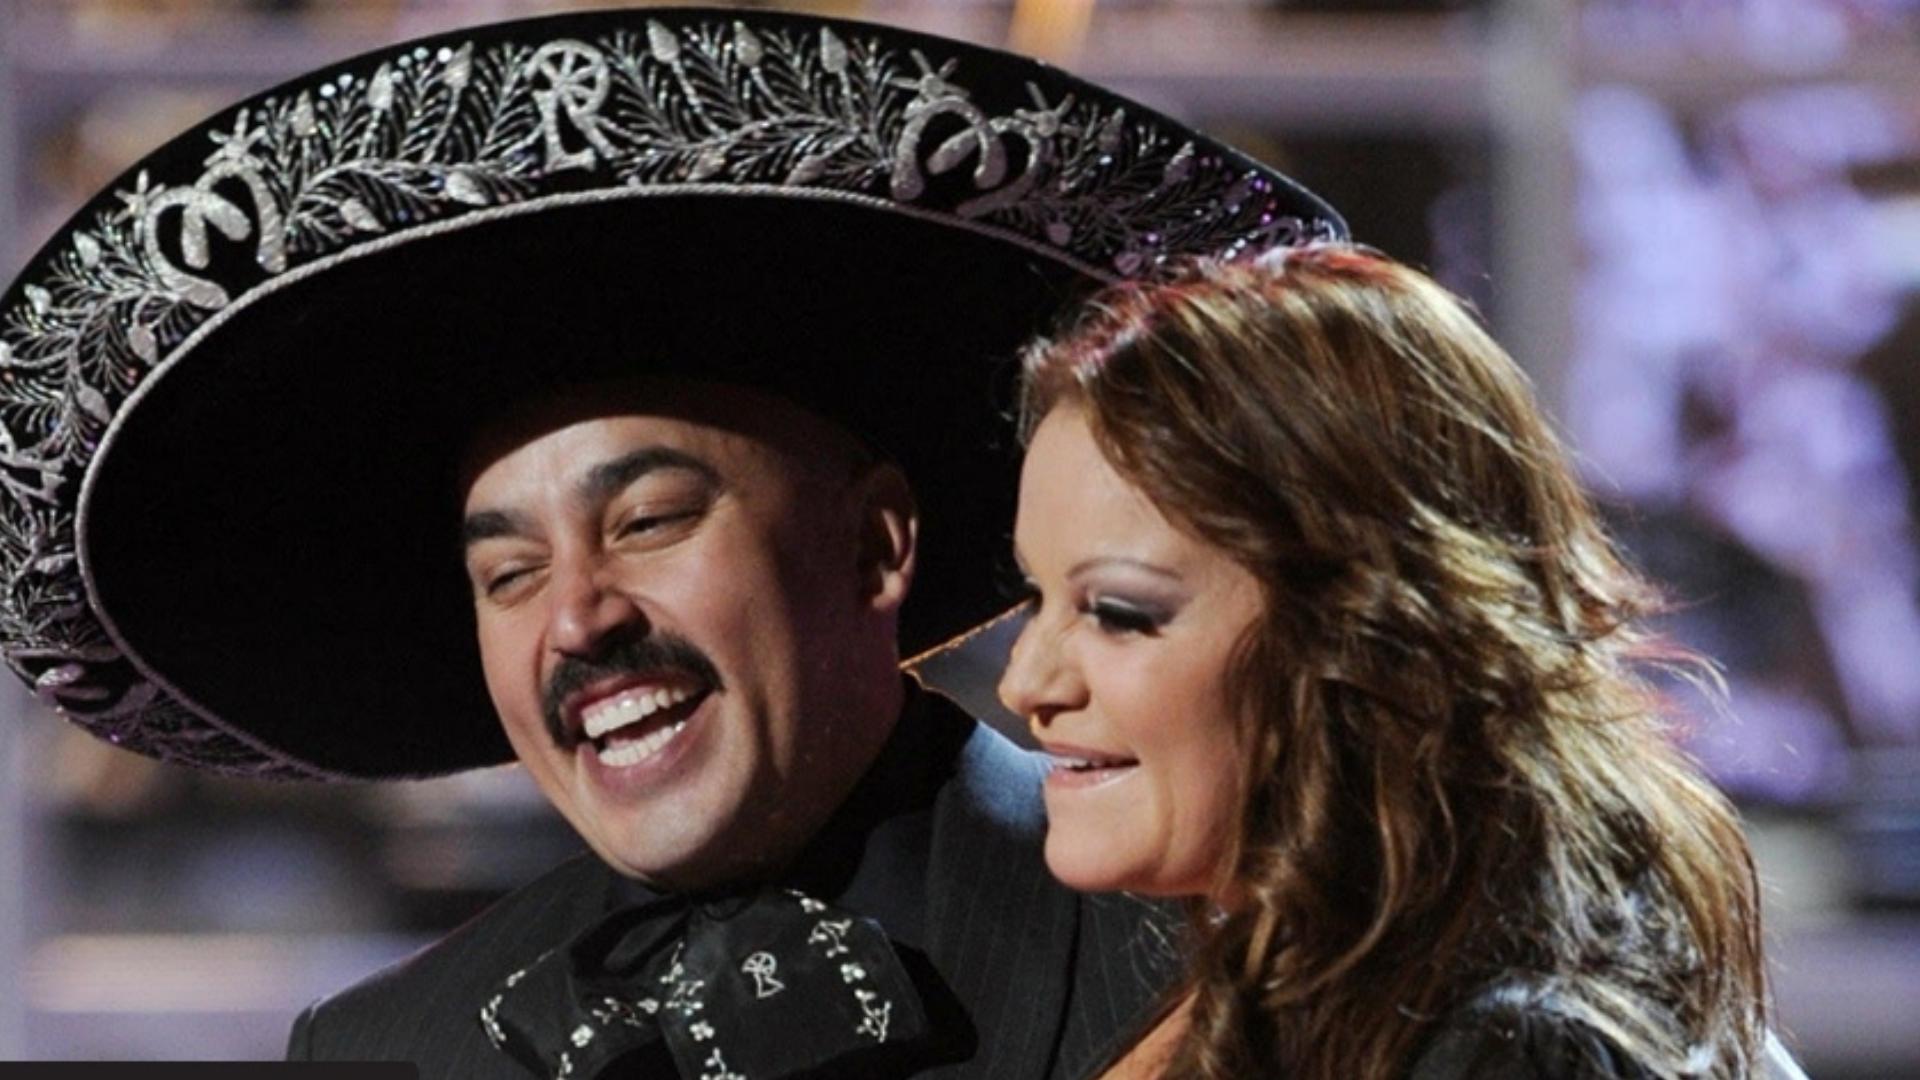 Lupillo Rivera comparte video de la última vez con Jenny Rivera